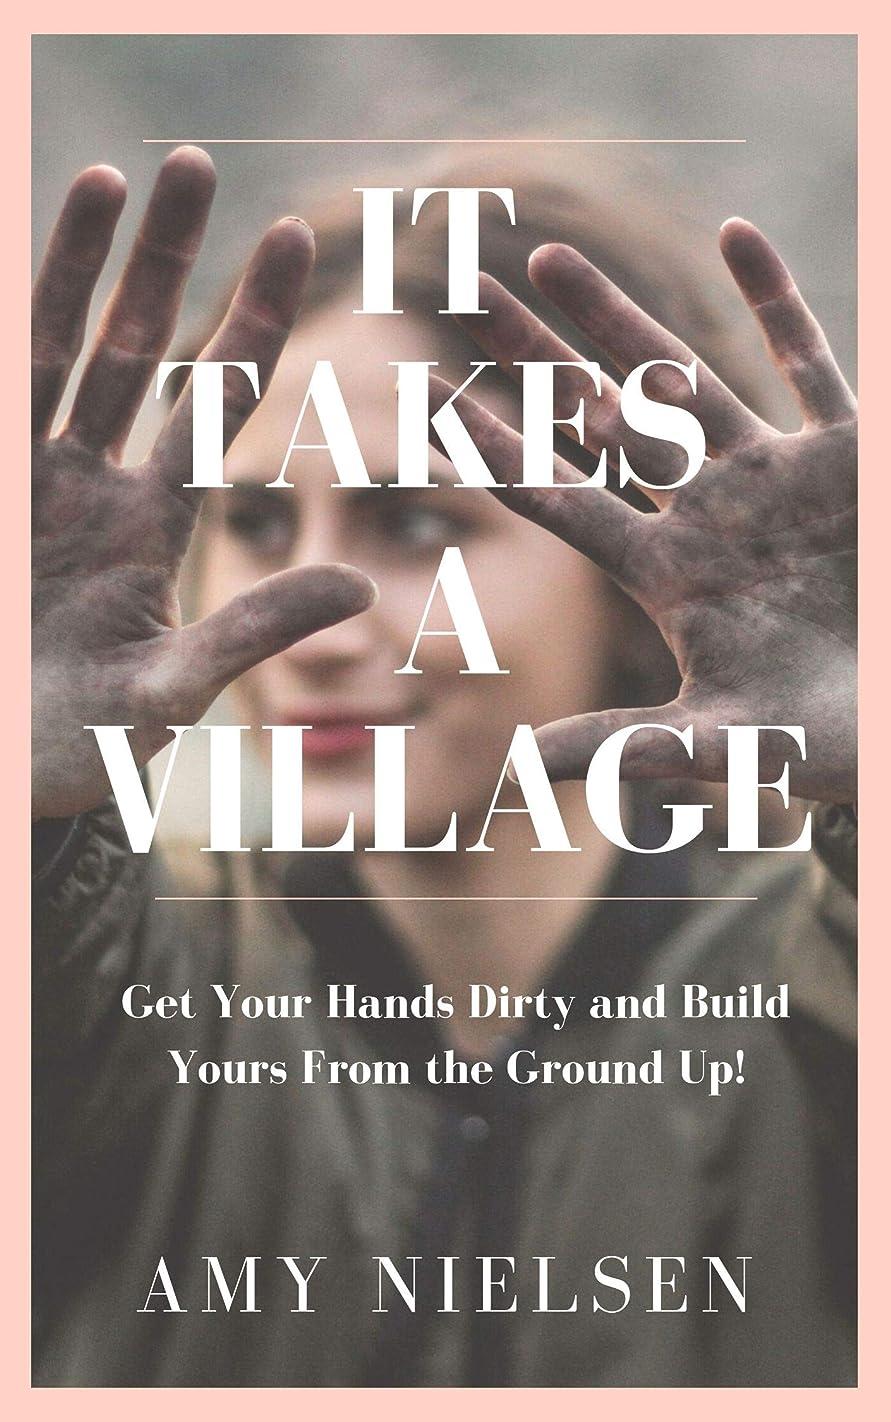 急流なめらかな実行It Takes A Village: Get Your Hands Dirty and Build It From The Ground Up! (English Edition)